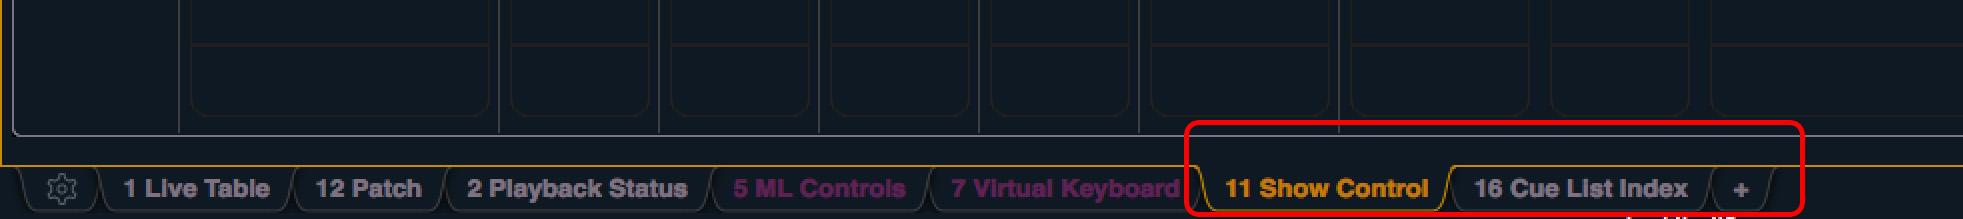 mtc show control tab